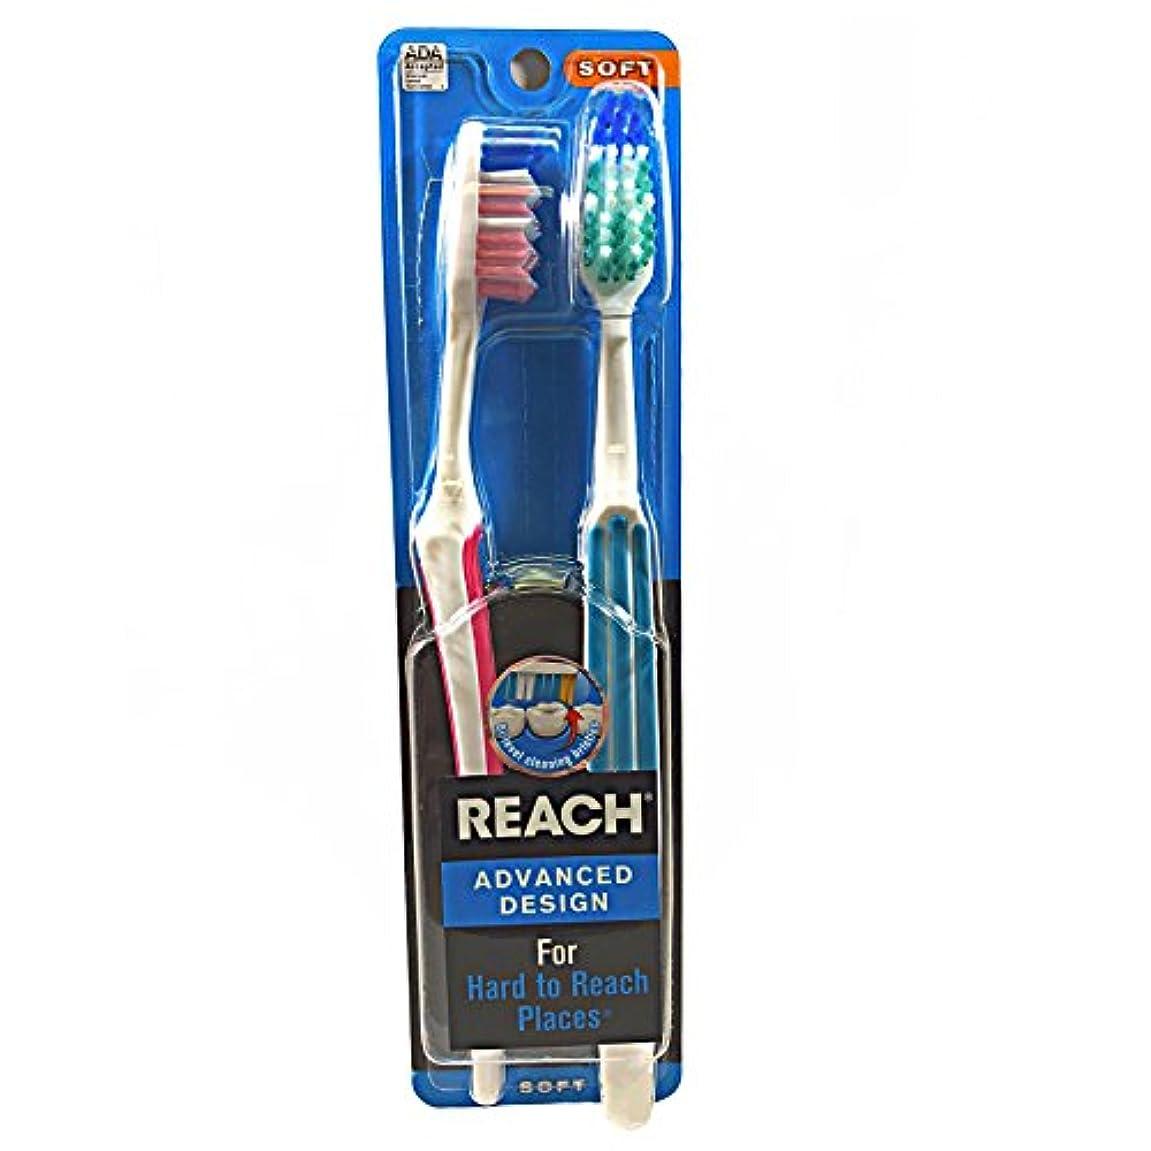 ドラゴンケイ素エンジニアリングReach 高度なデザイン歯ブラシソフト完全な頭部バリューパック2 Eaは